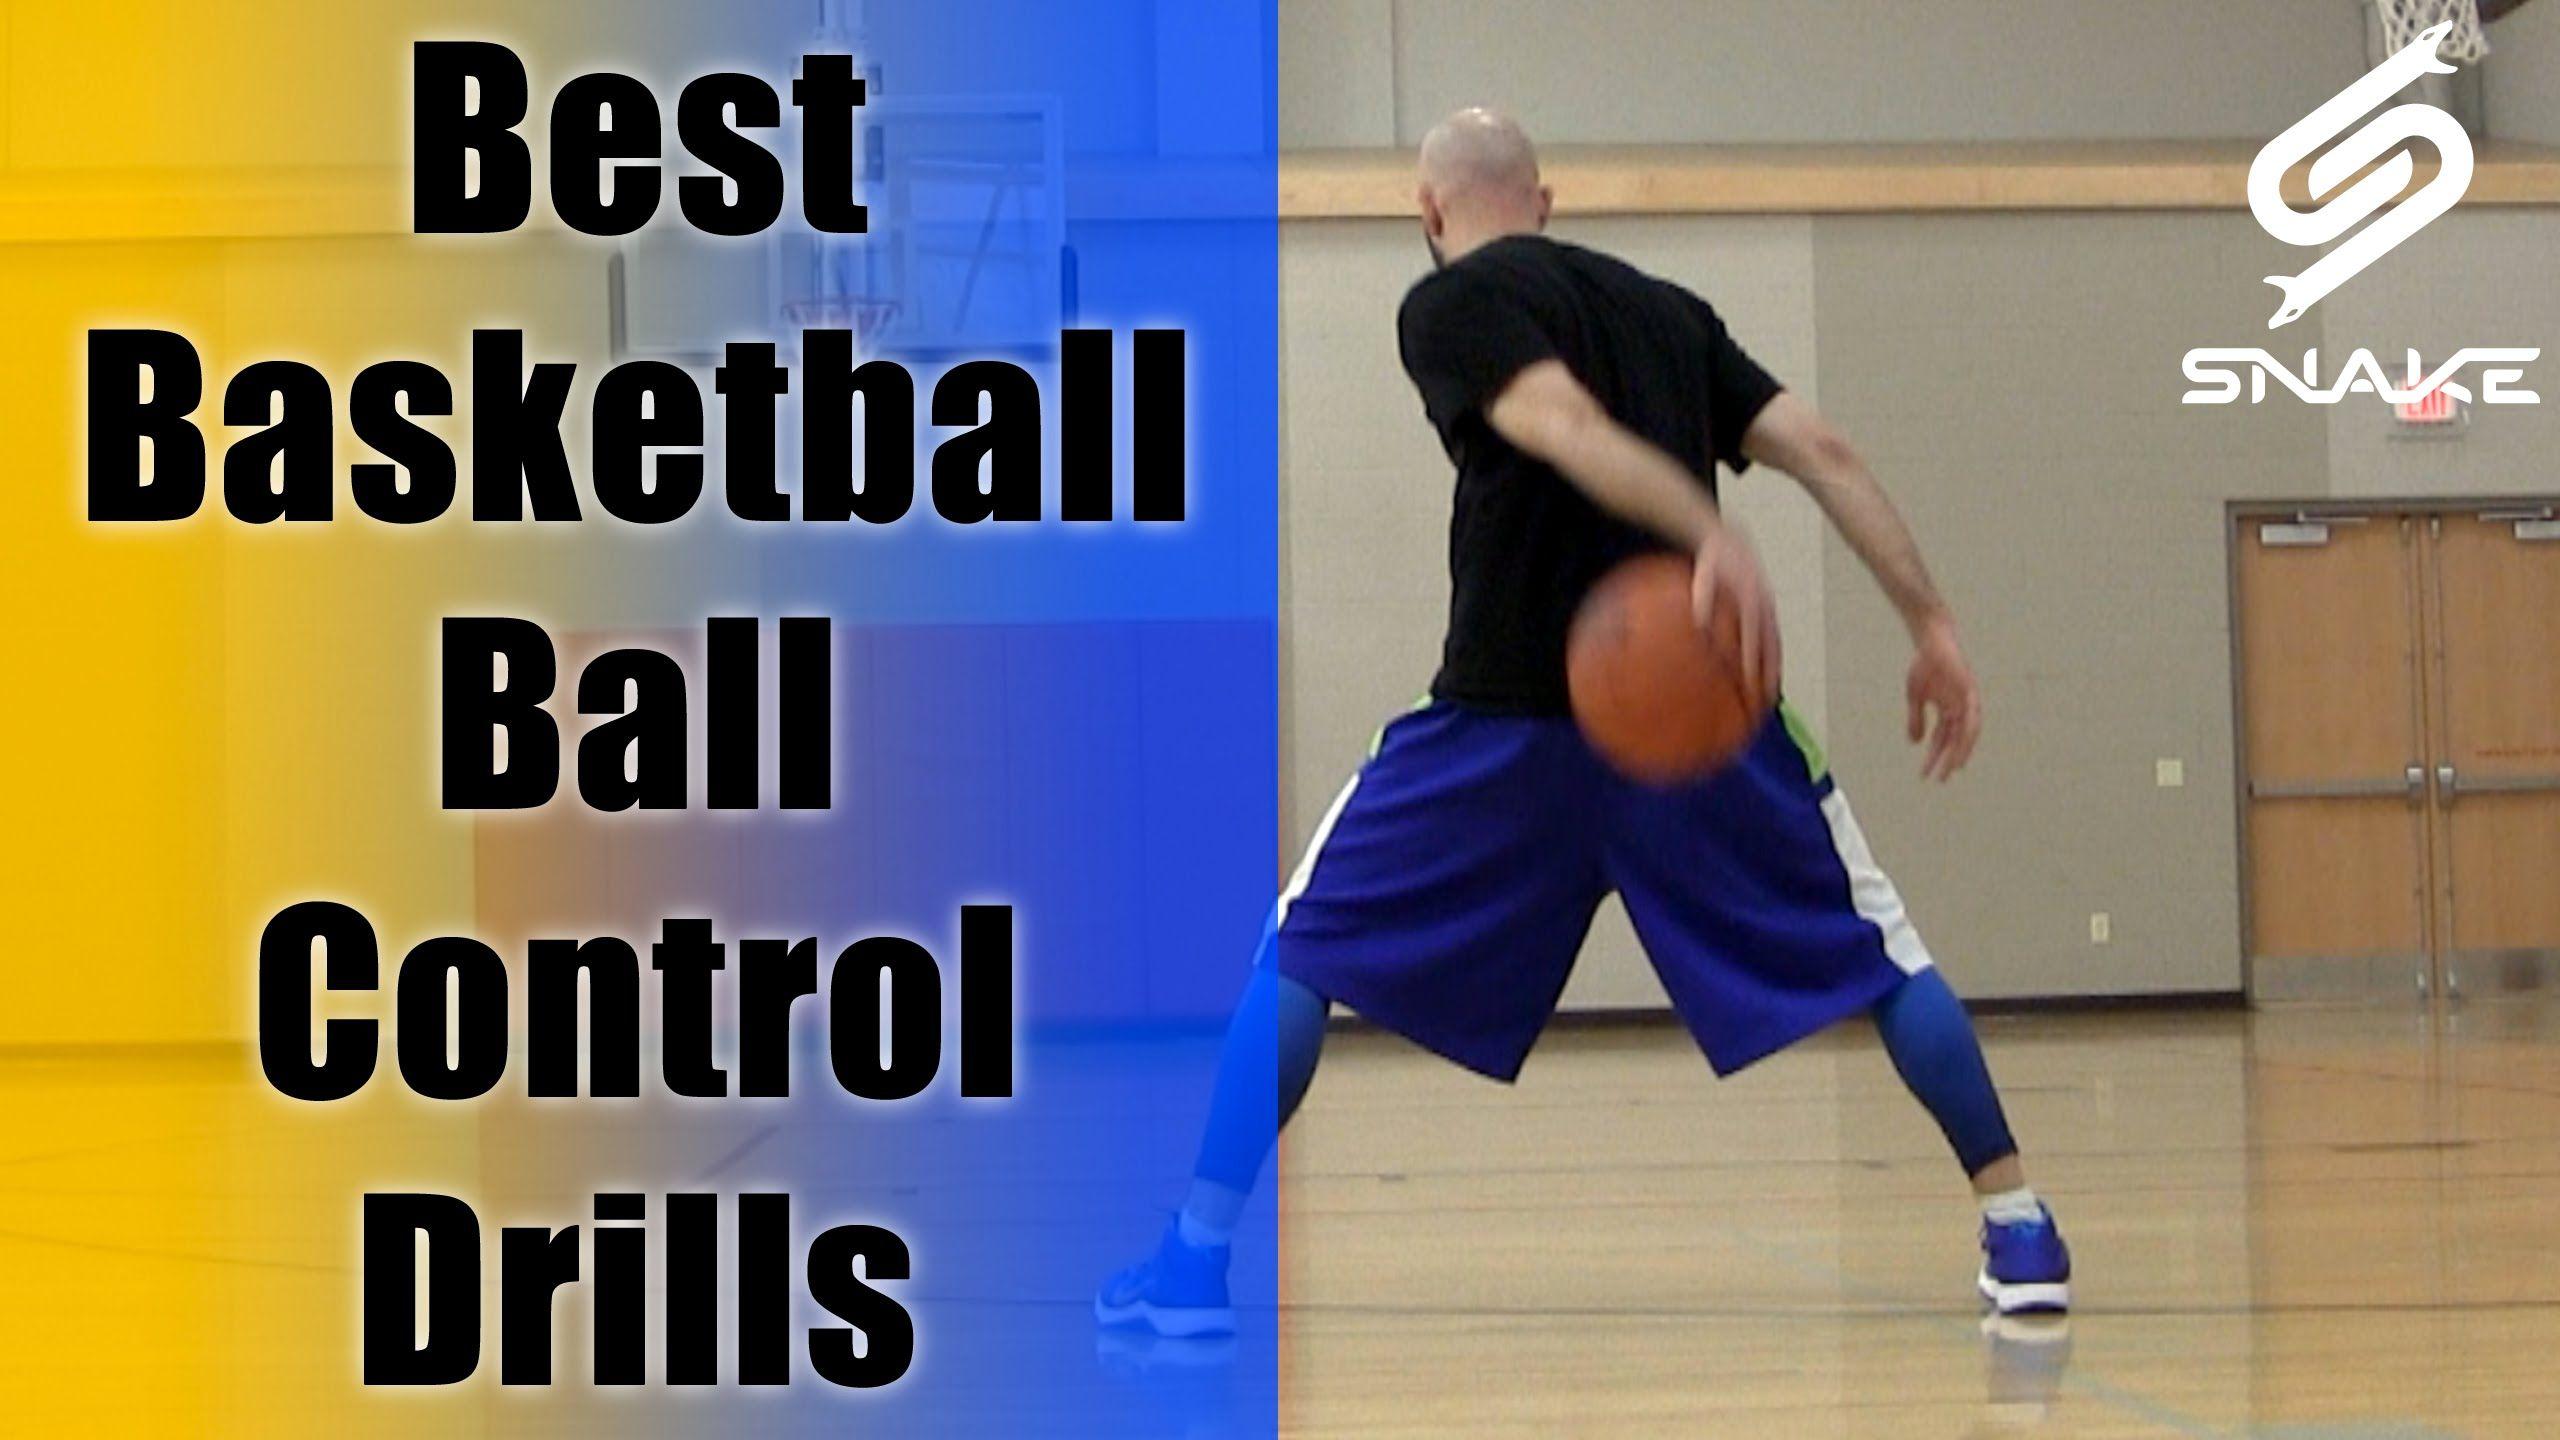 World's Best Basketball Dribbling Drills Ball Handling